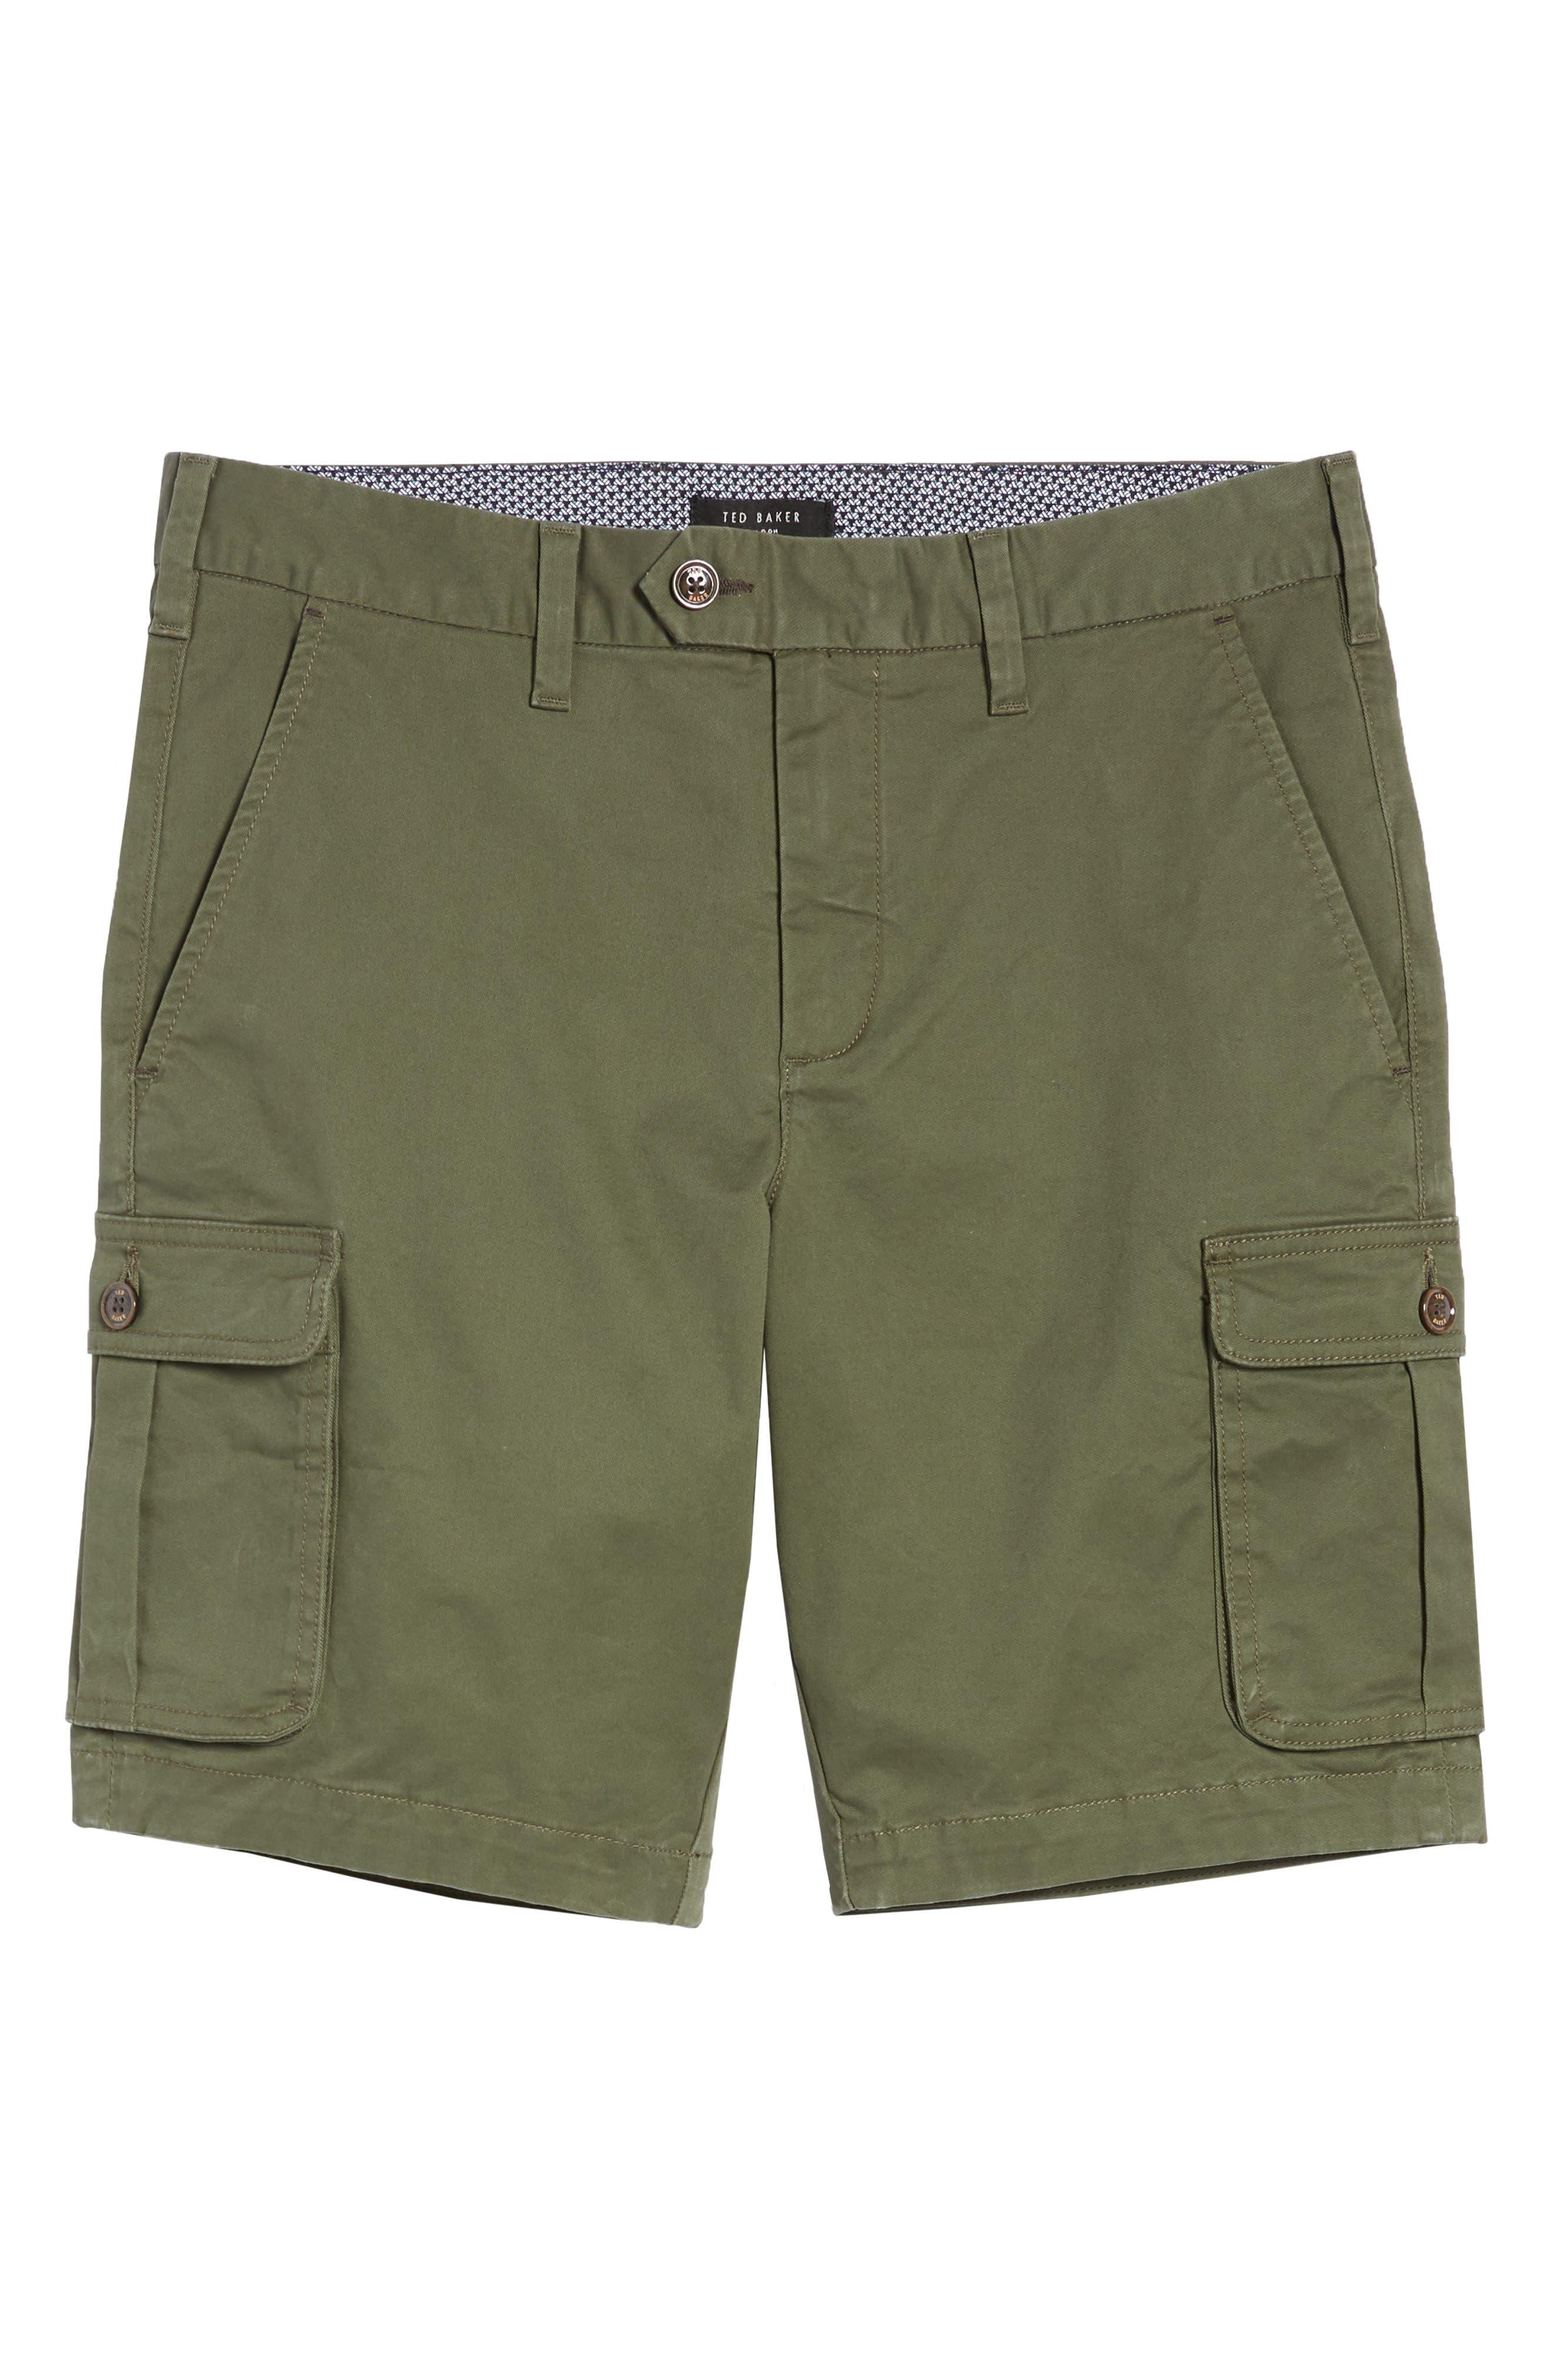 Ted Baker Cargogo Slim Fit Shorts,                             Alternate thumbnail 6, color,                             Khaki